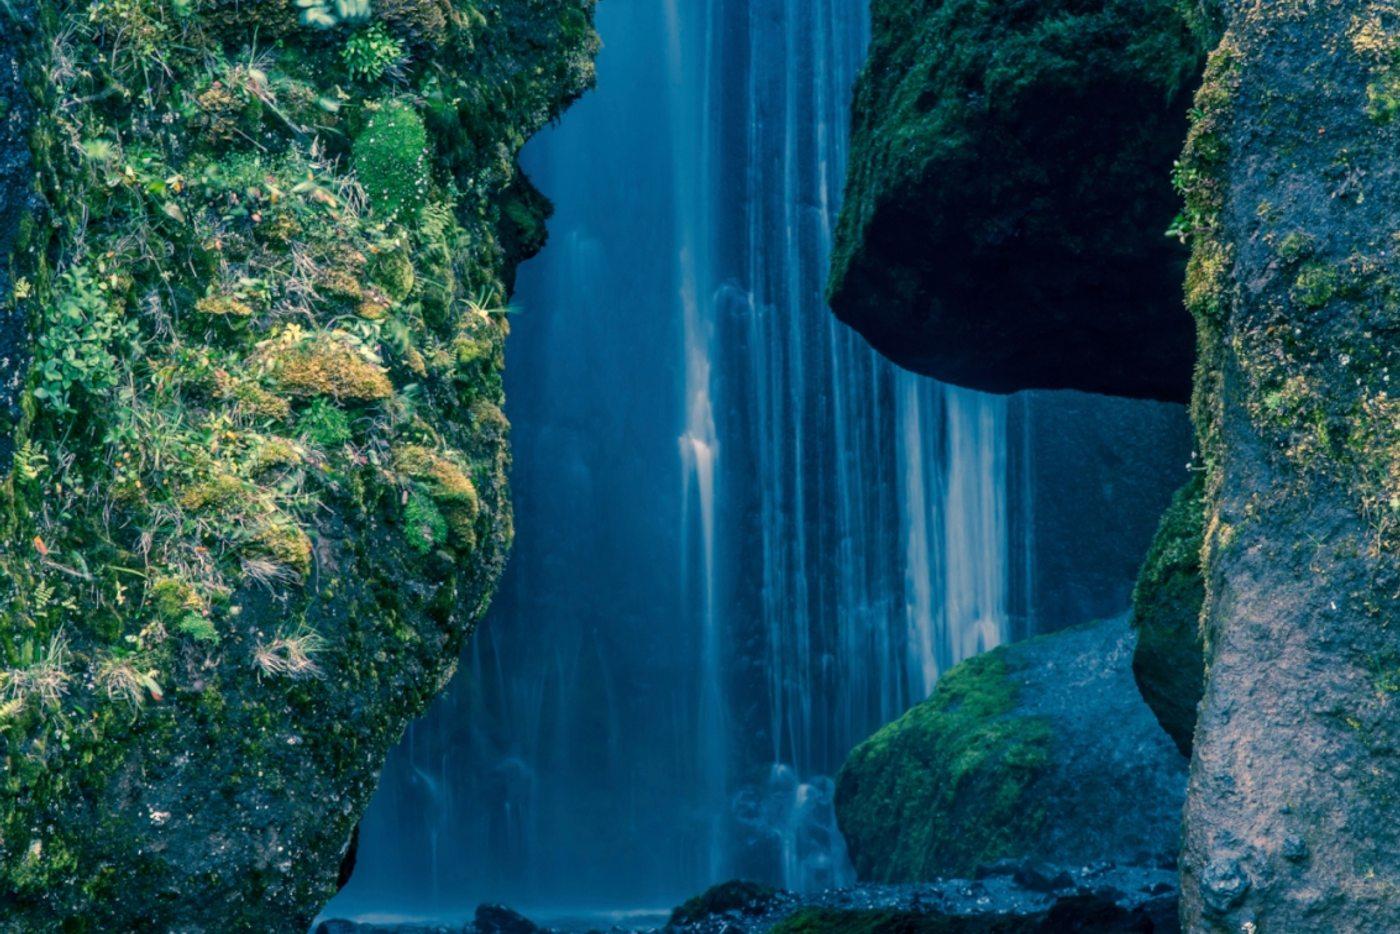 Photo Tour of Iceland 6